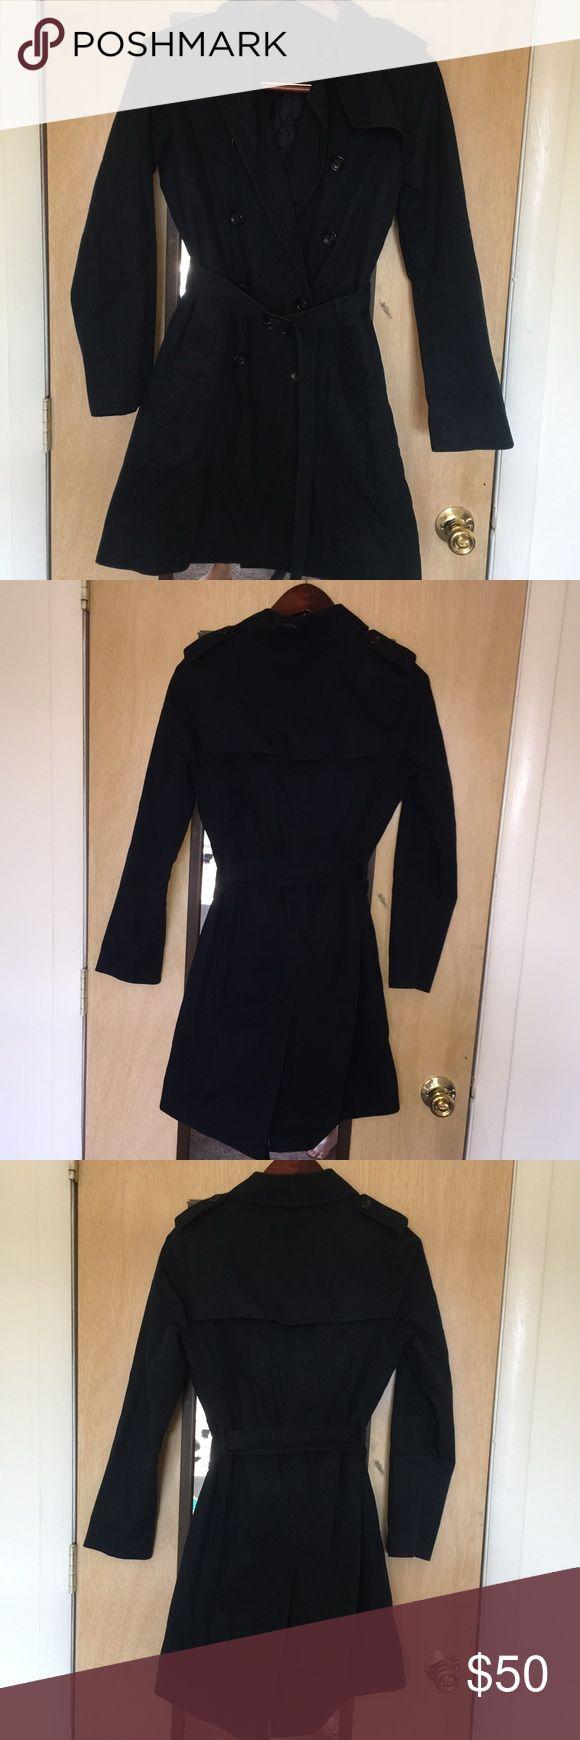 Uniqlo black trench coat Black trench coat Uniqlo Jackets & Coats Trench Coats